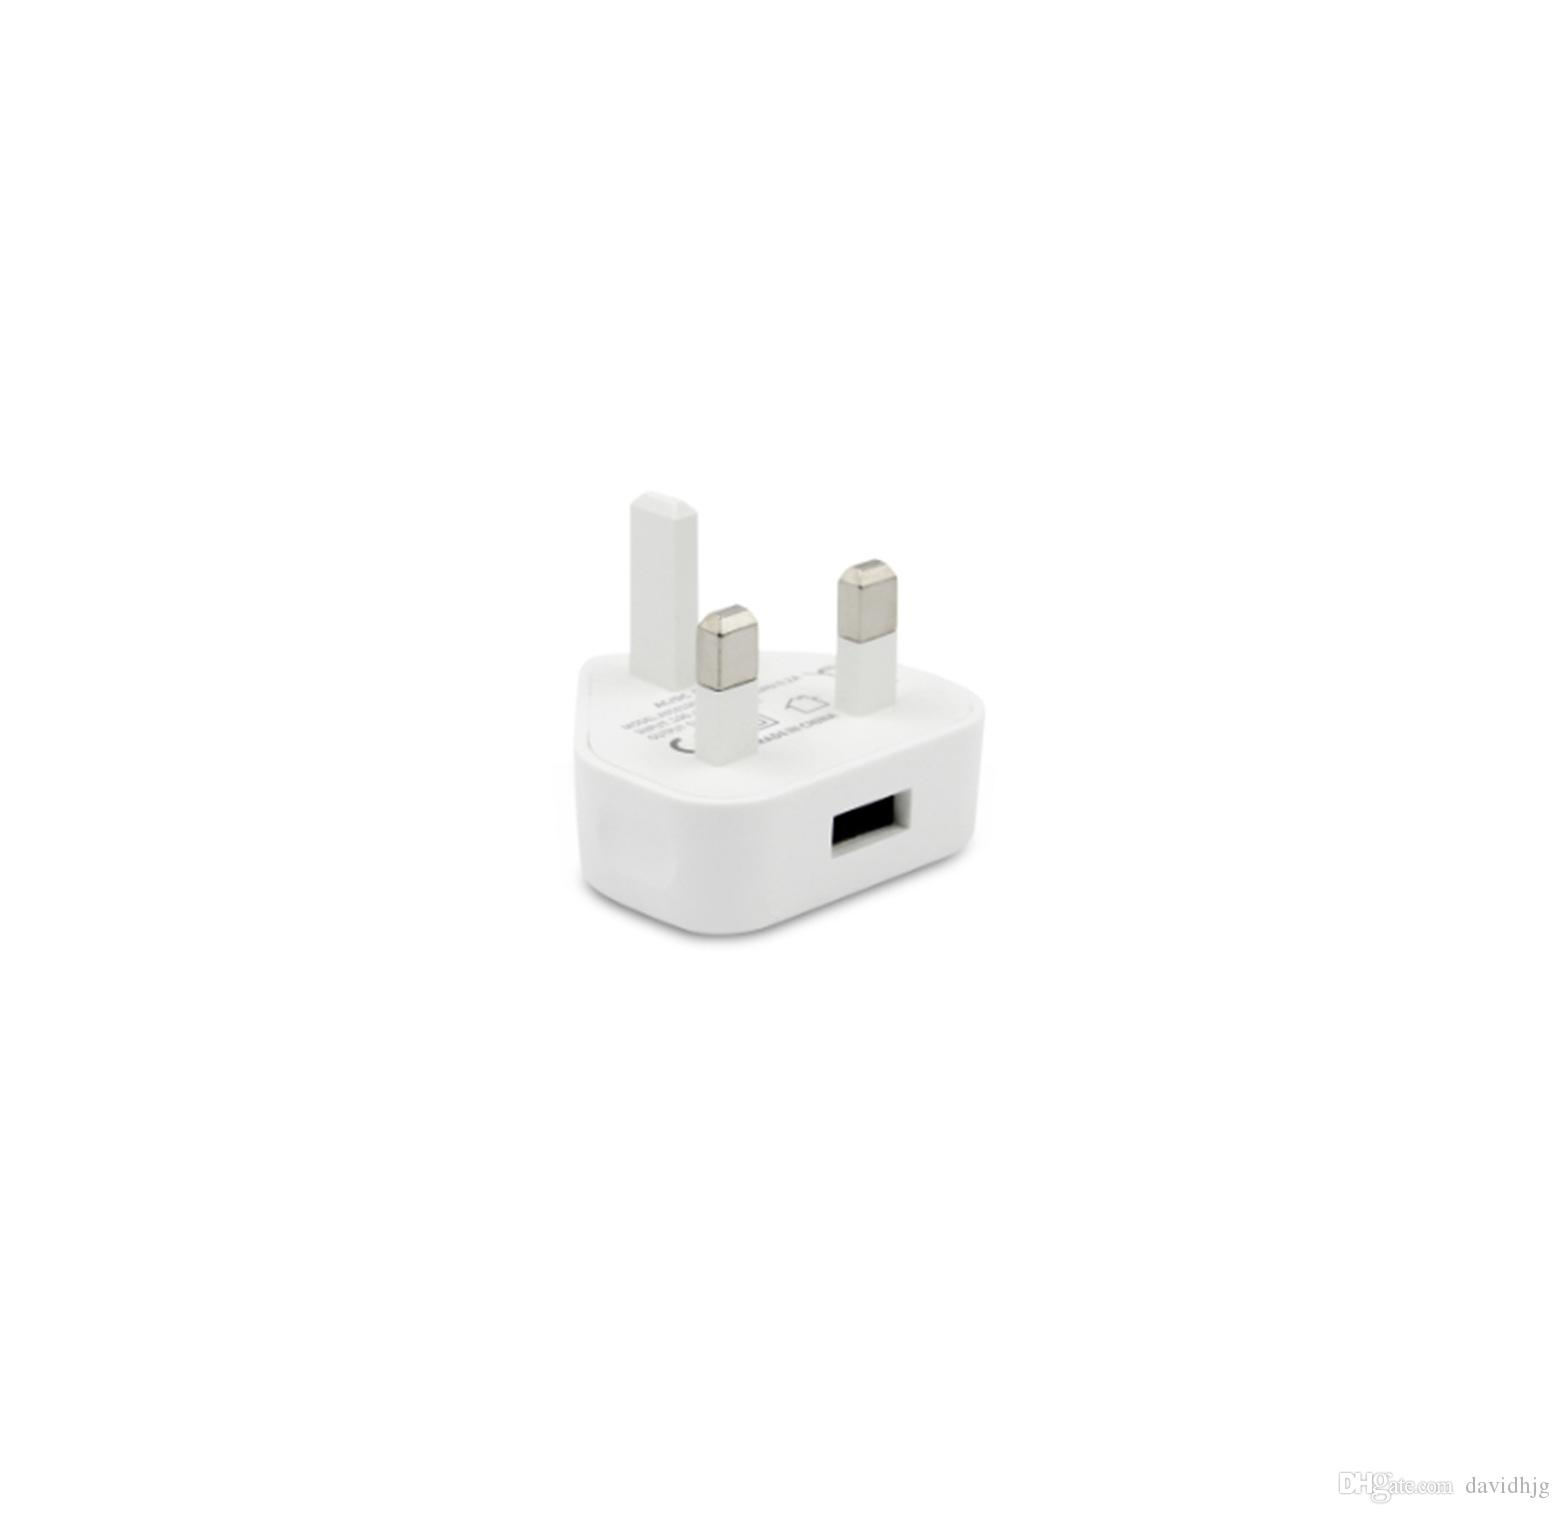 COLORIDO USB Cargador de pared Adaptador de corriente alterna de pared Cargador Reino Unido 3 pines Enchufe para teléfono móvil / MP4 / mp3 Para Iphone 3G JBD-UK